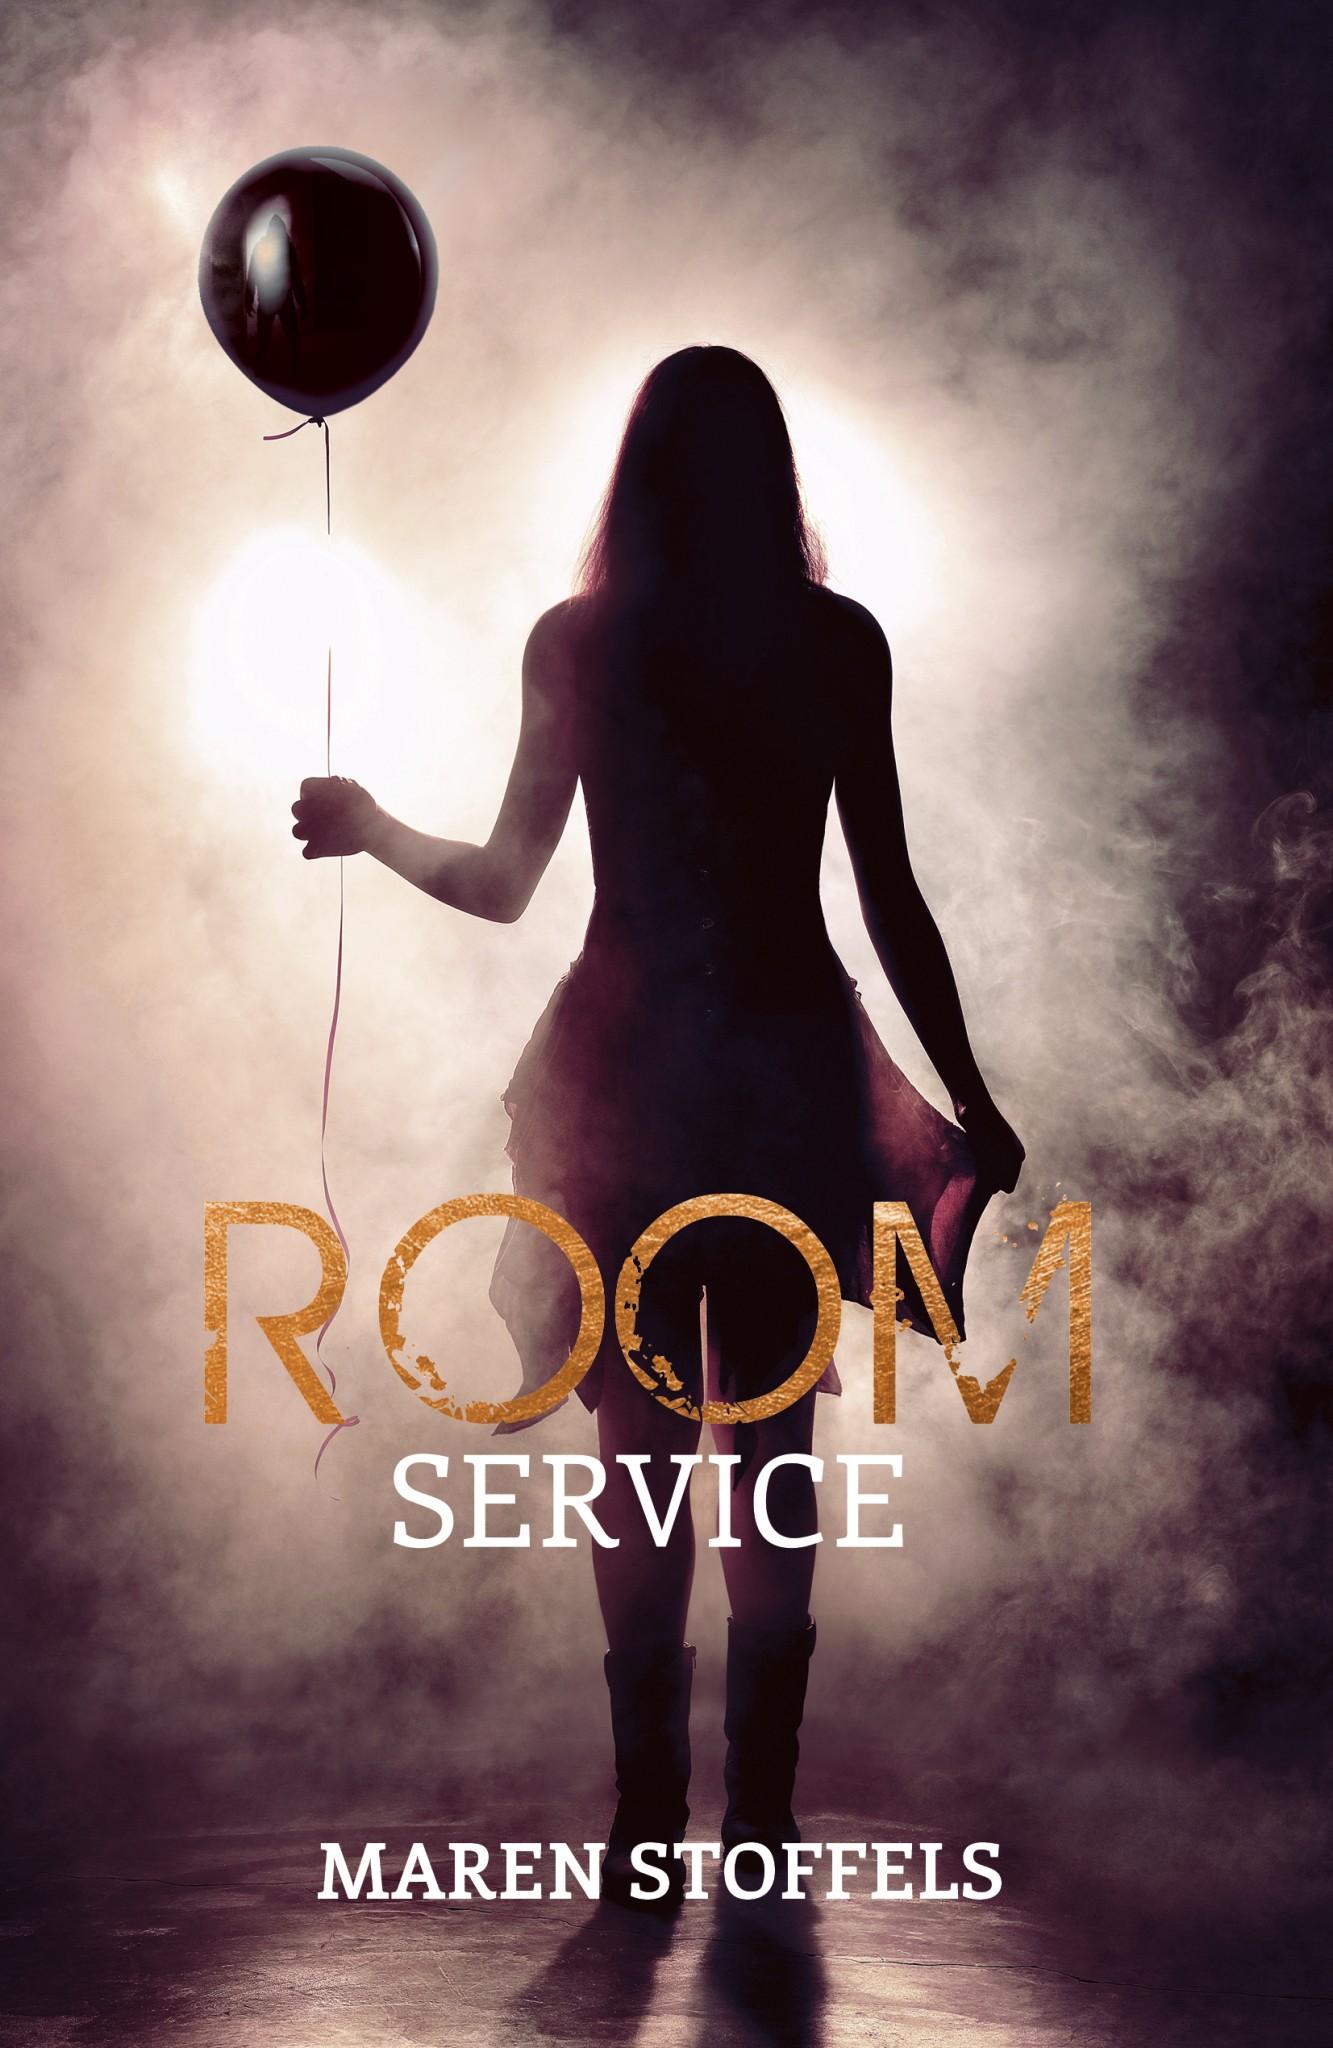 Het boek 'Room service' van Maren Stoffels is één van de elf Leestips van de Jonge Jury 2020